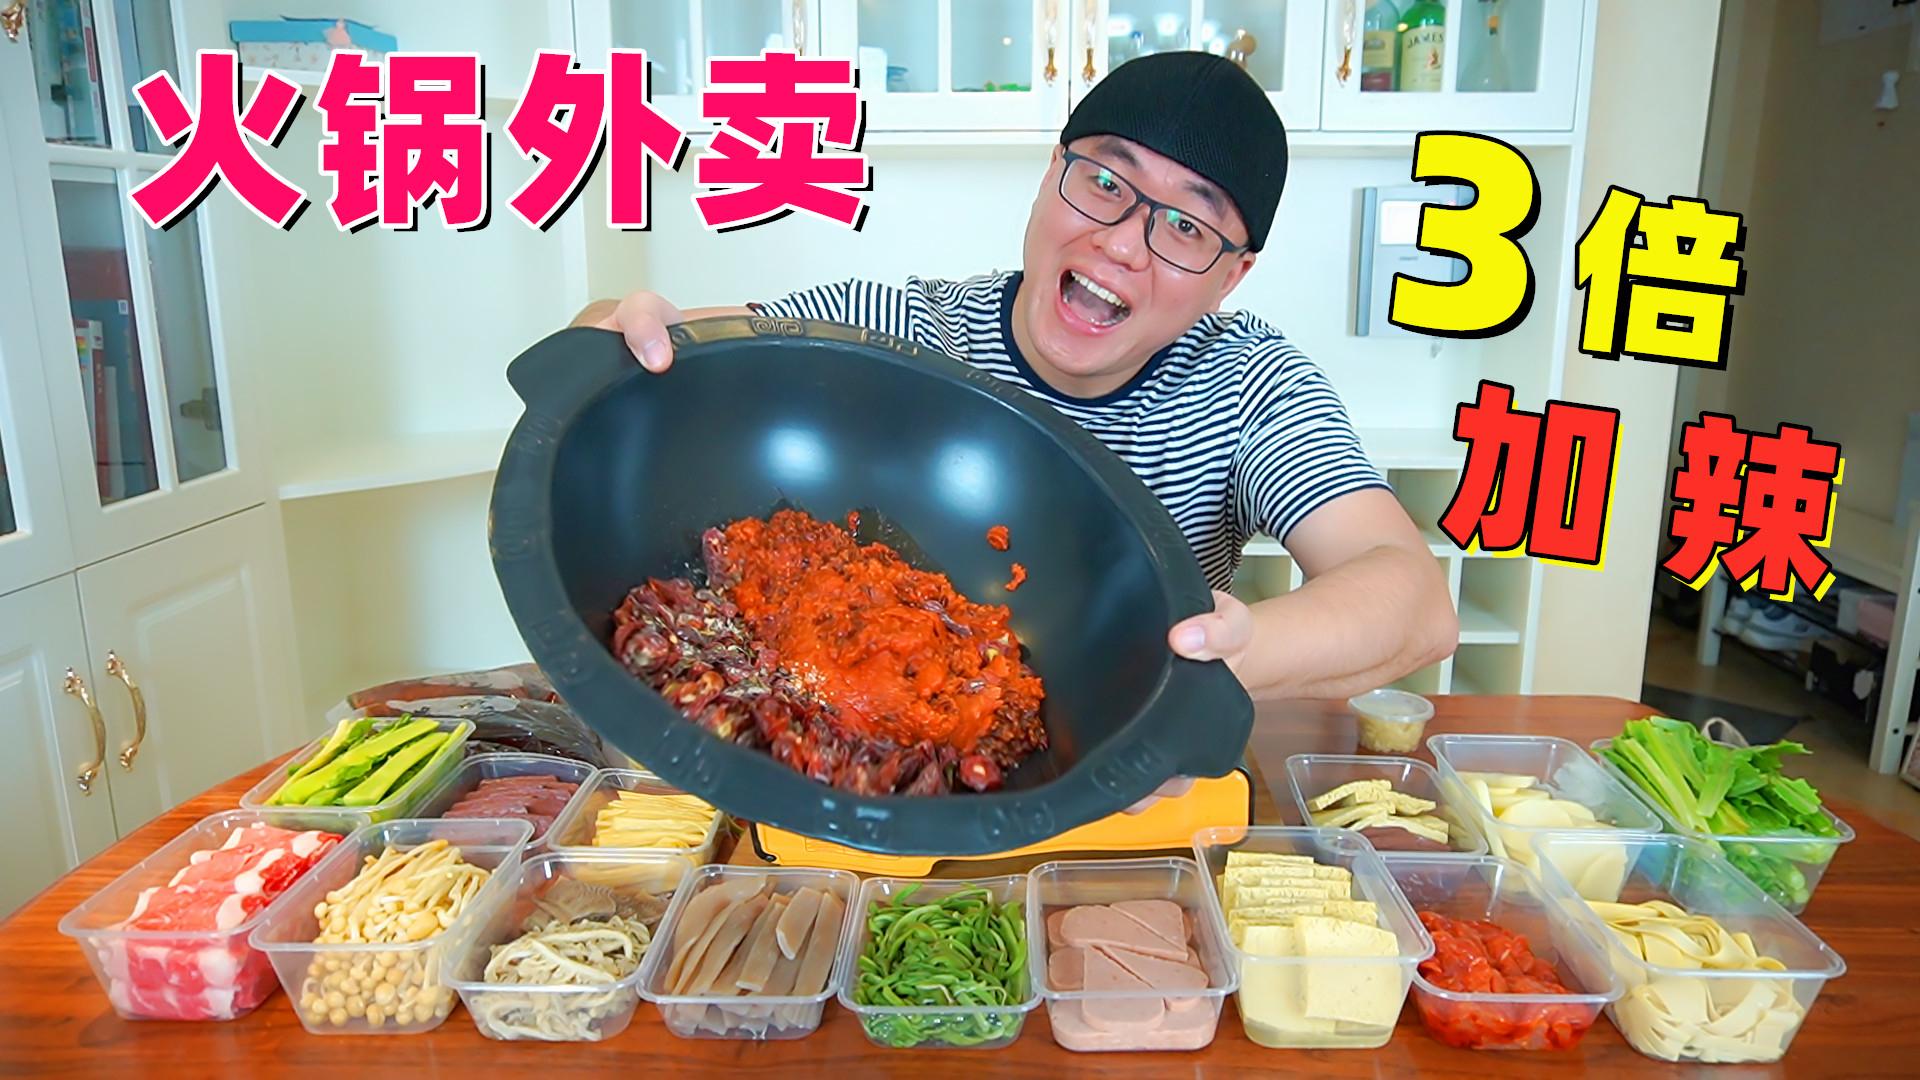 3倍加辣火锅外卖,麻辣鲜香牛油锅底,红汤下蔬菜,阿星宅家火锅